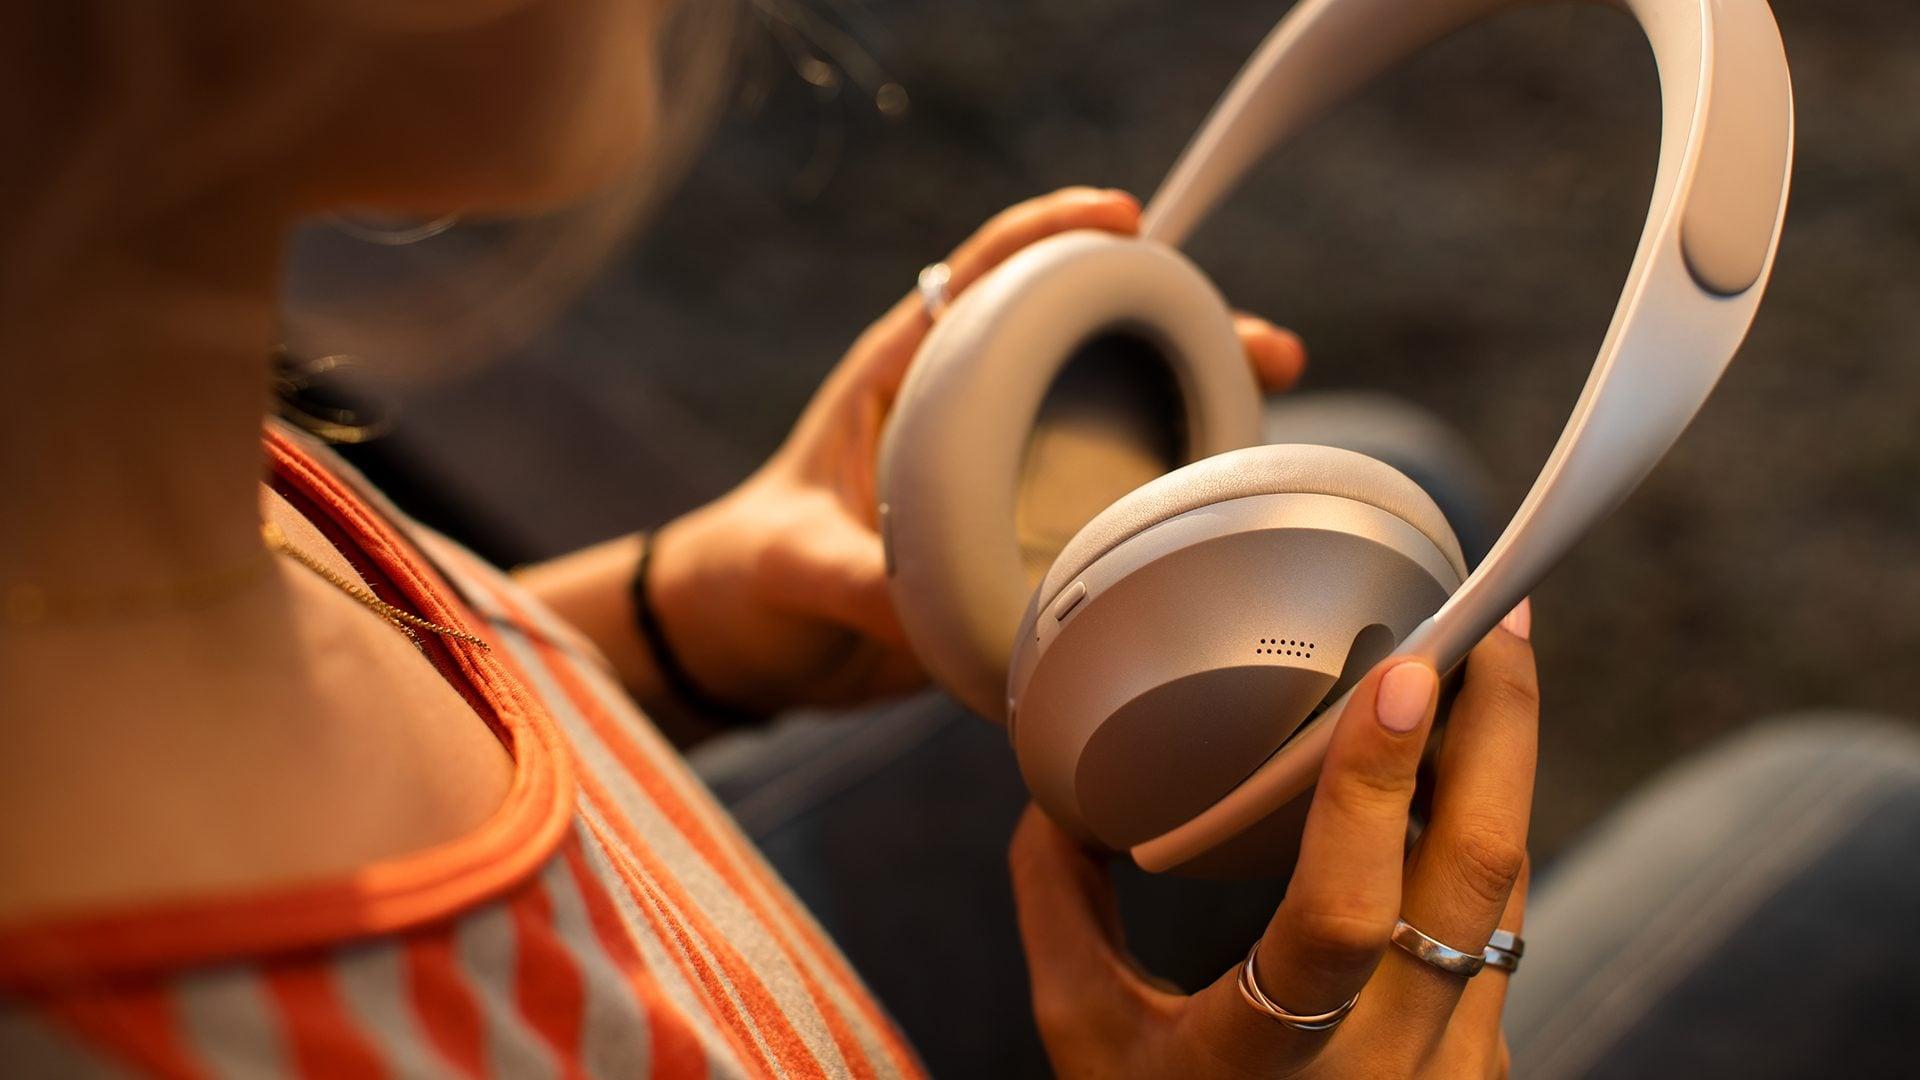 Bose zapowiada całkiem nową linię słuchawek z redukcją szumów 18